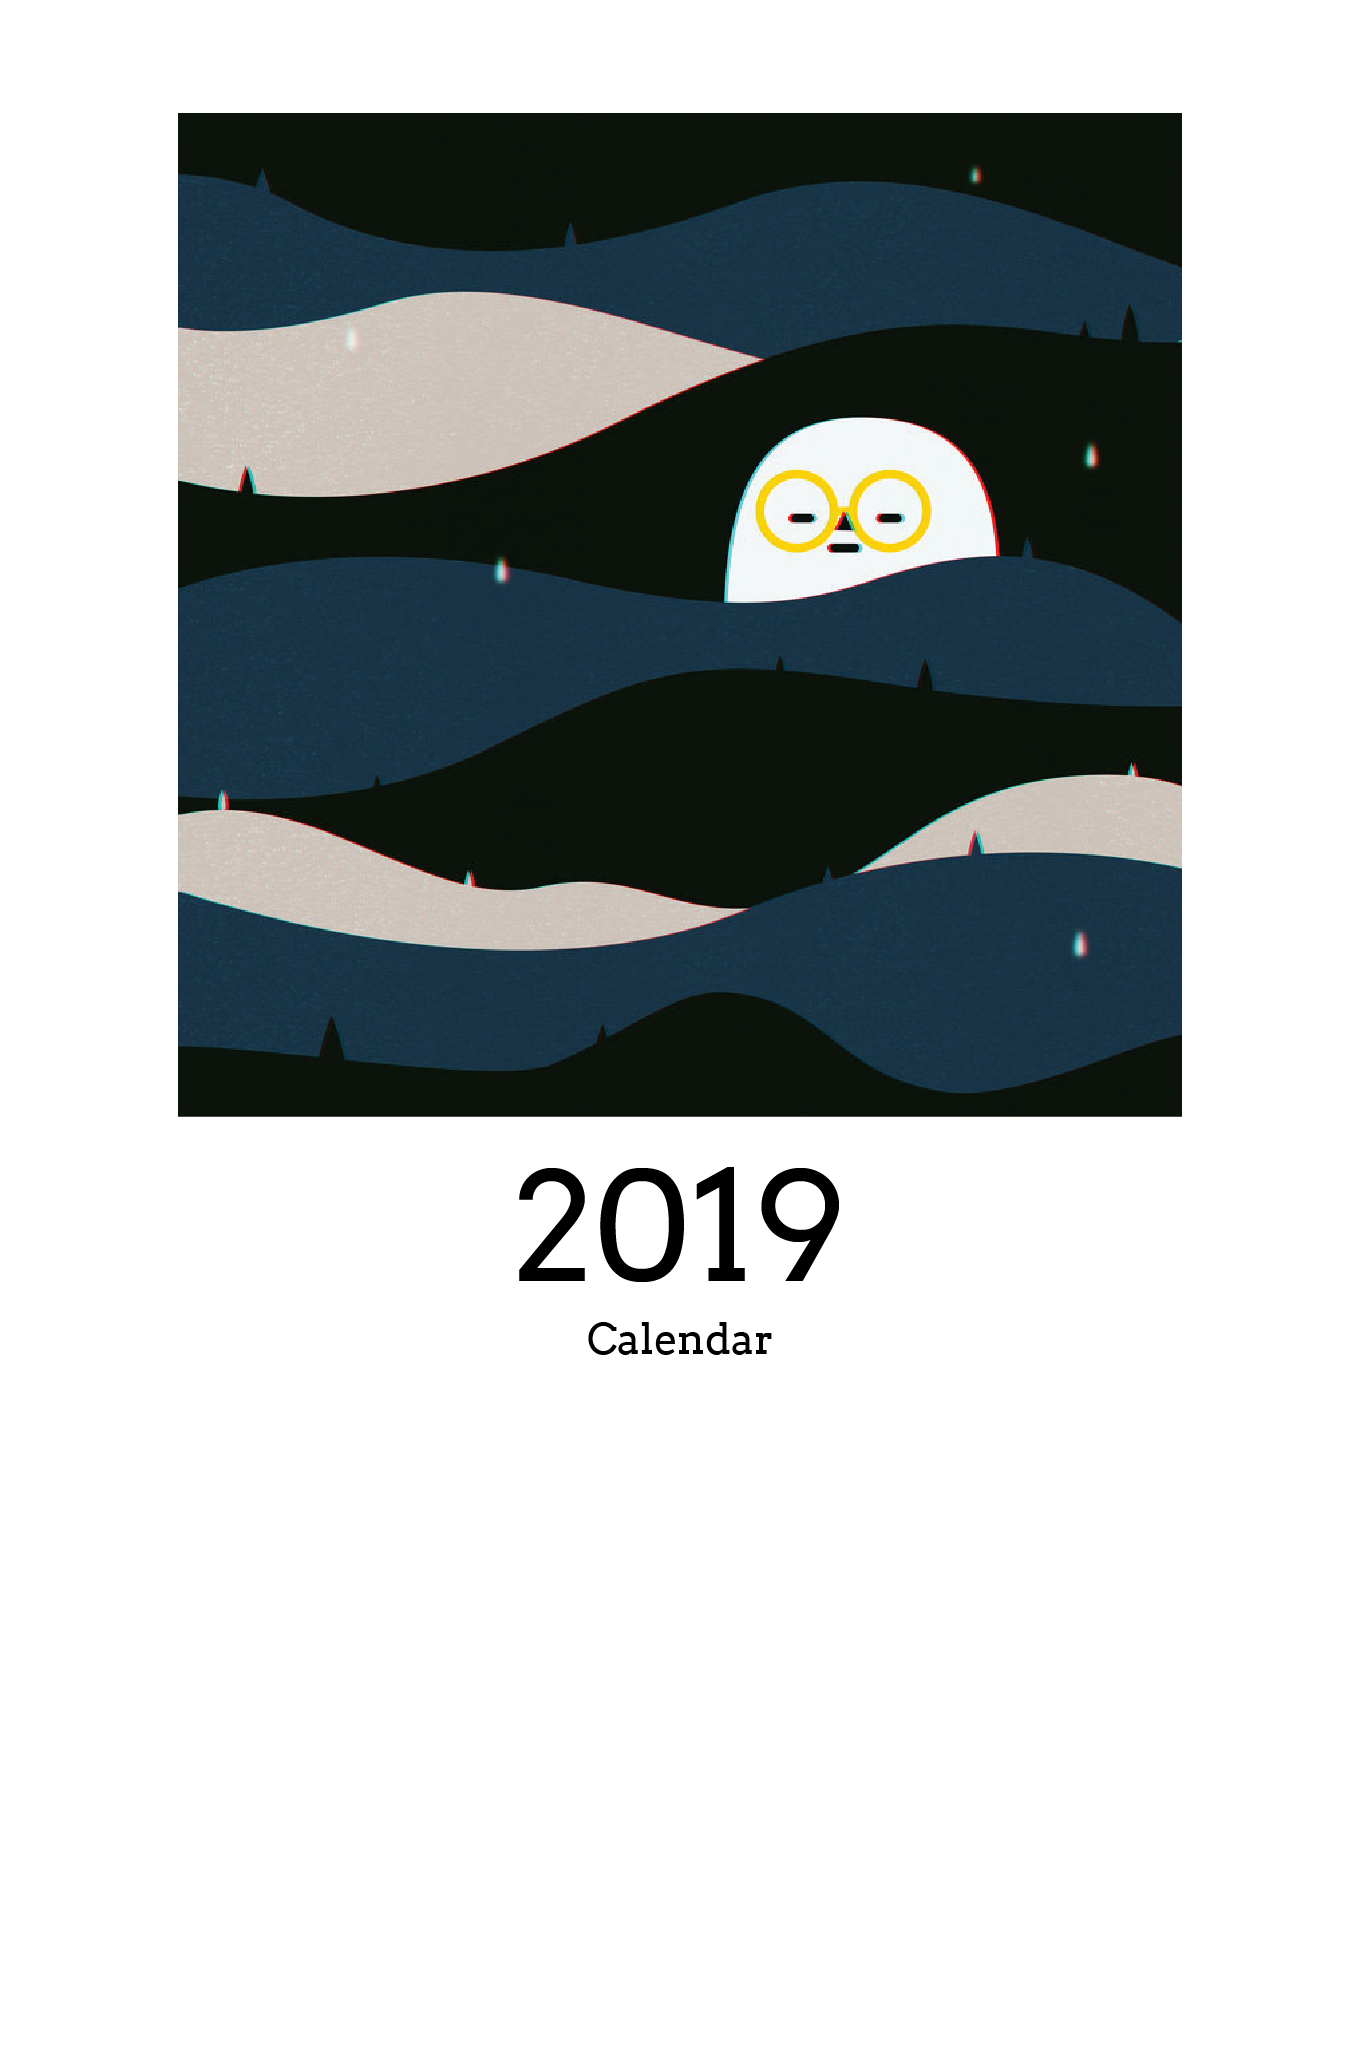 2019 Calendar_V2-10.png